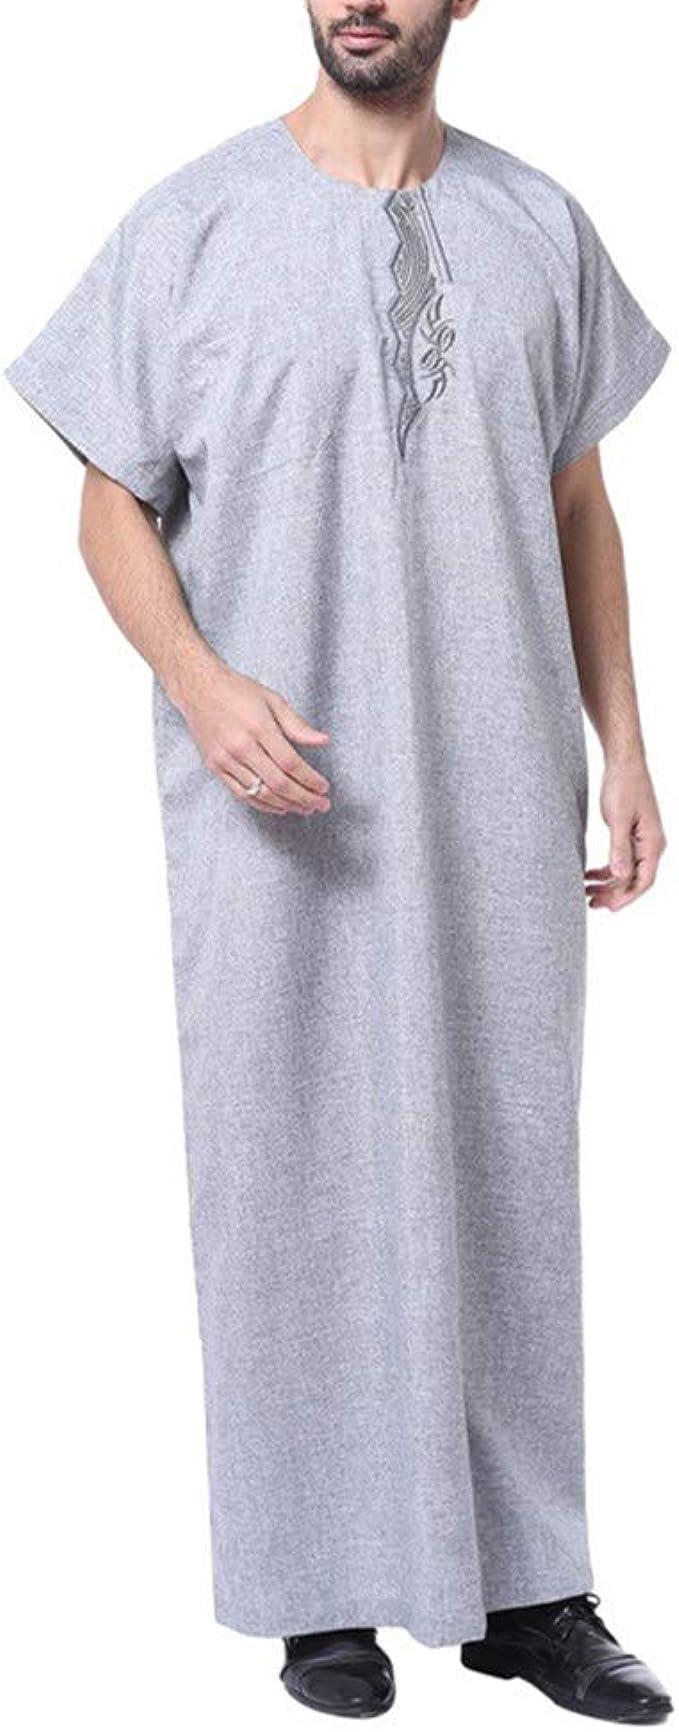 Ropa Musulmana Caftan Hombre Arabes - Abaya Musulman Camisa Vestido Dubai Manga Corta Maxi Largos (Gris, XXXL): Amazon.es: Ropa y accesorios